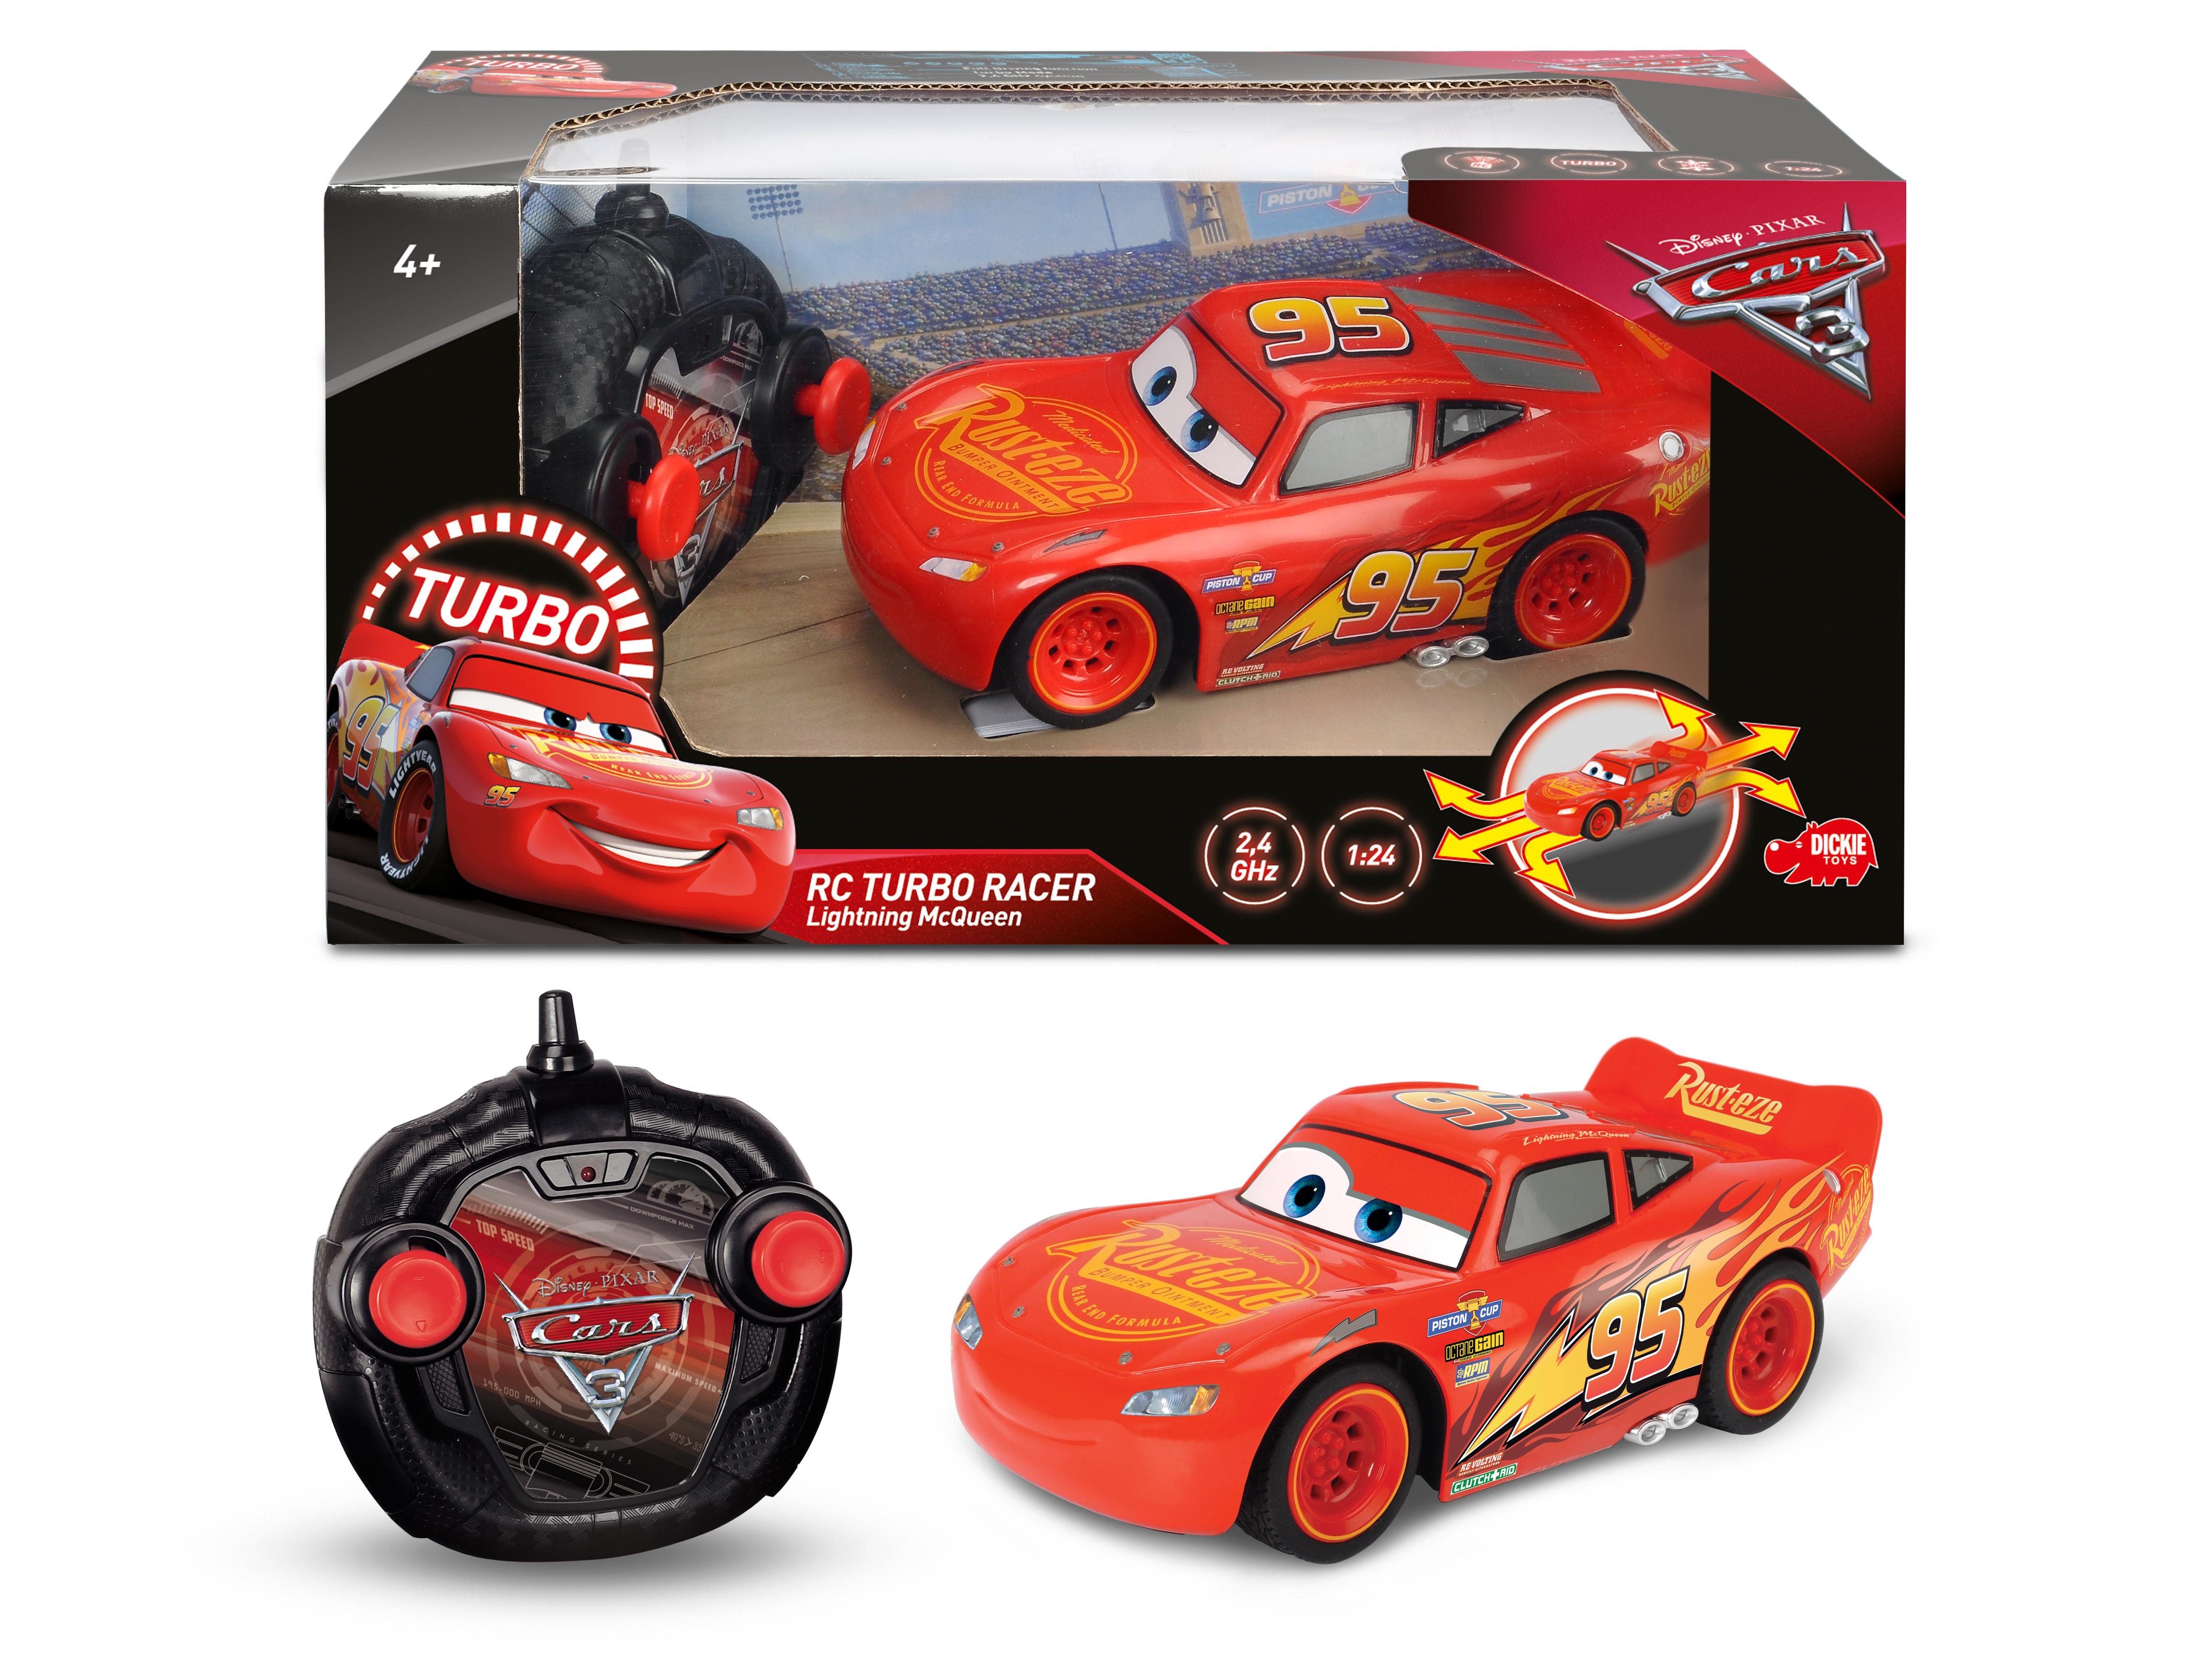 Disney Cars 3, R/C Lightning McQueen 1:24